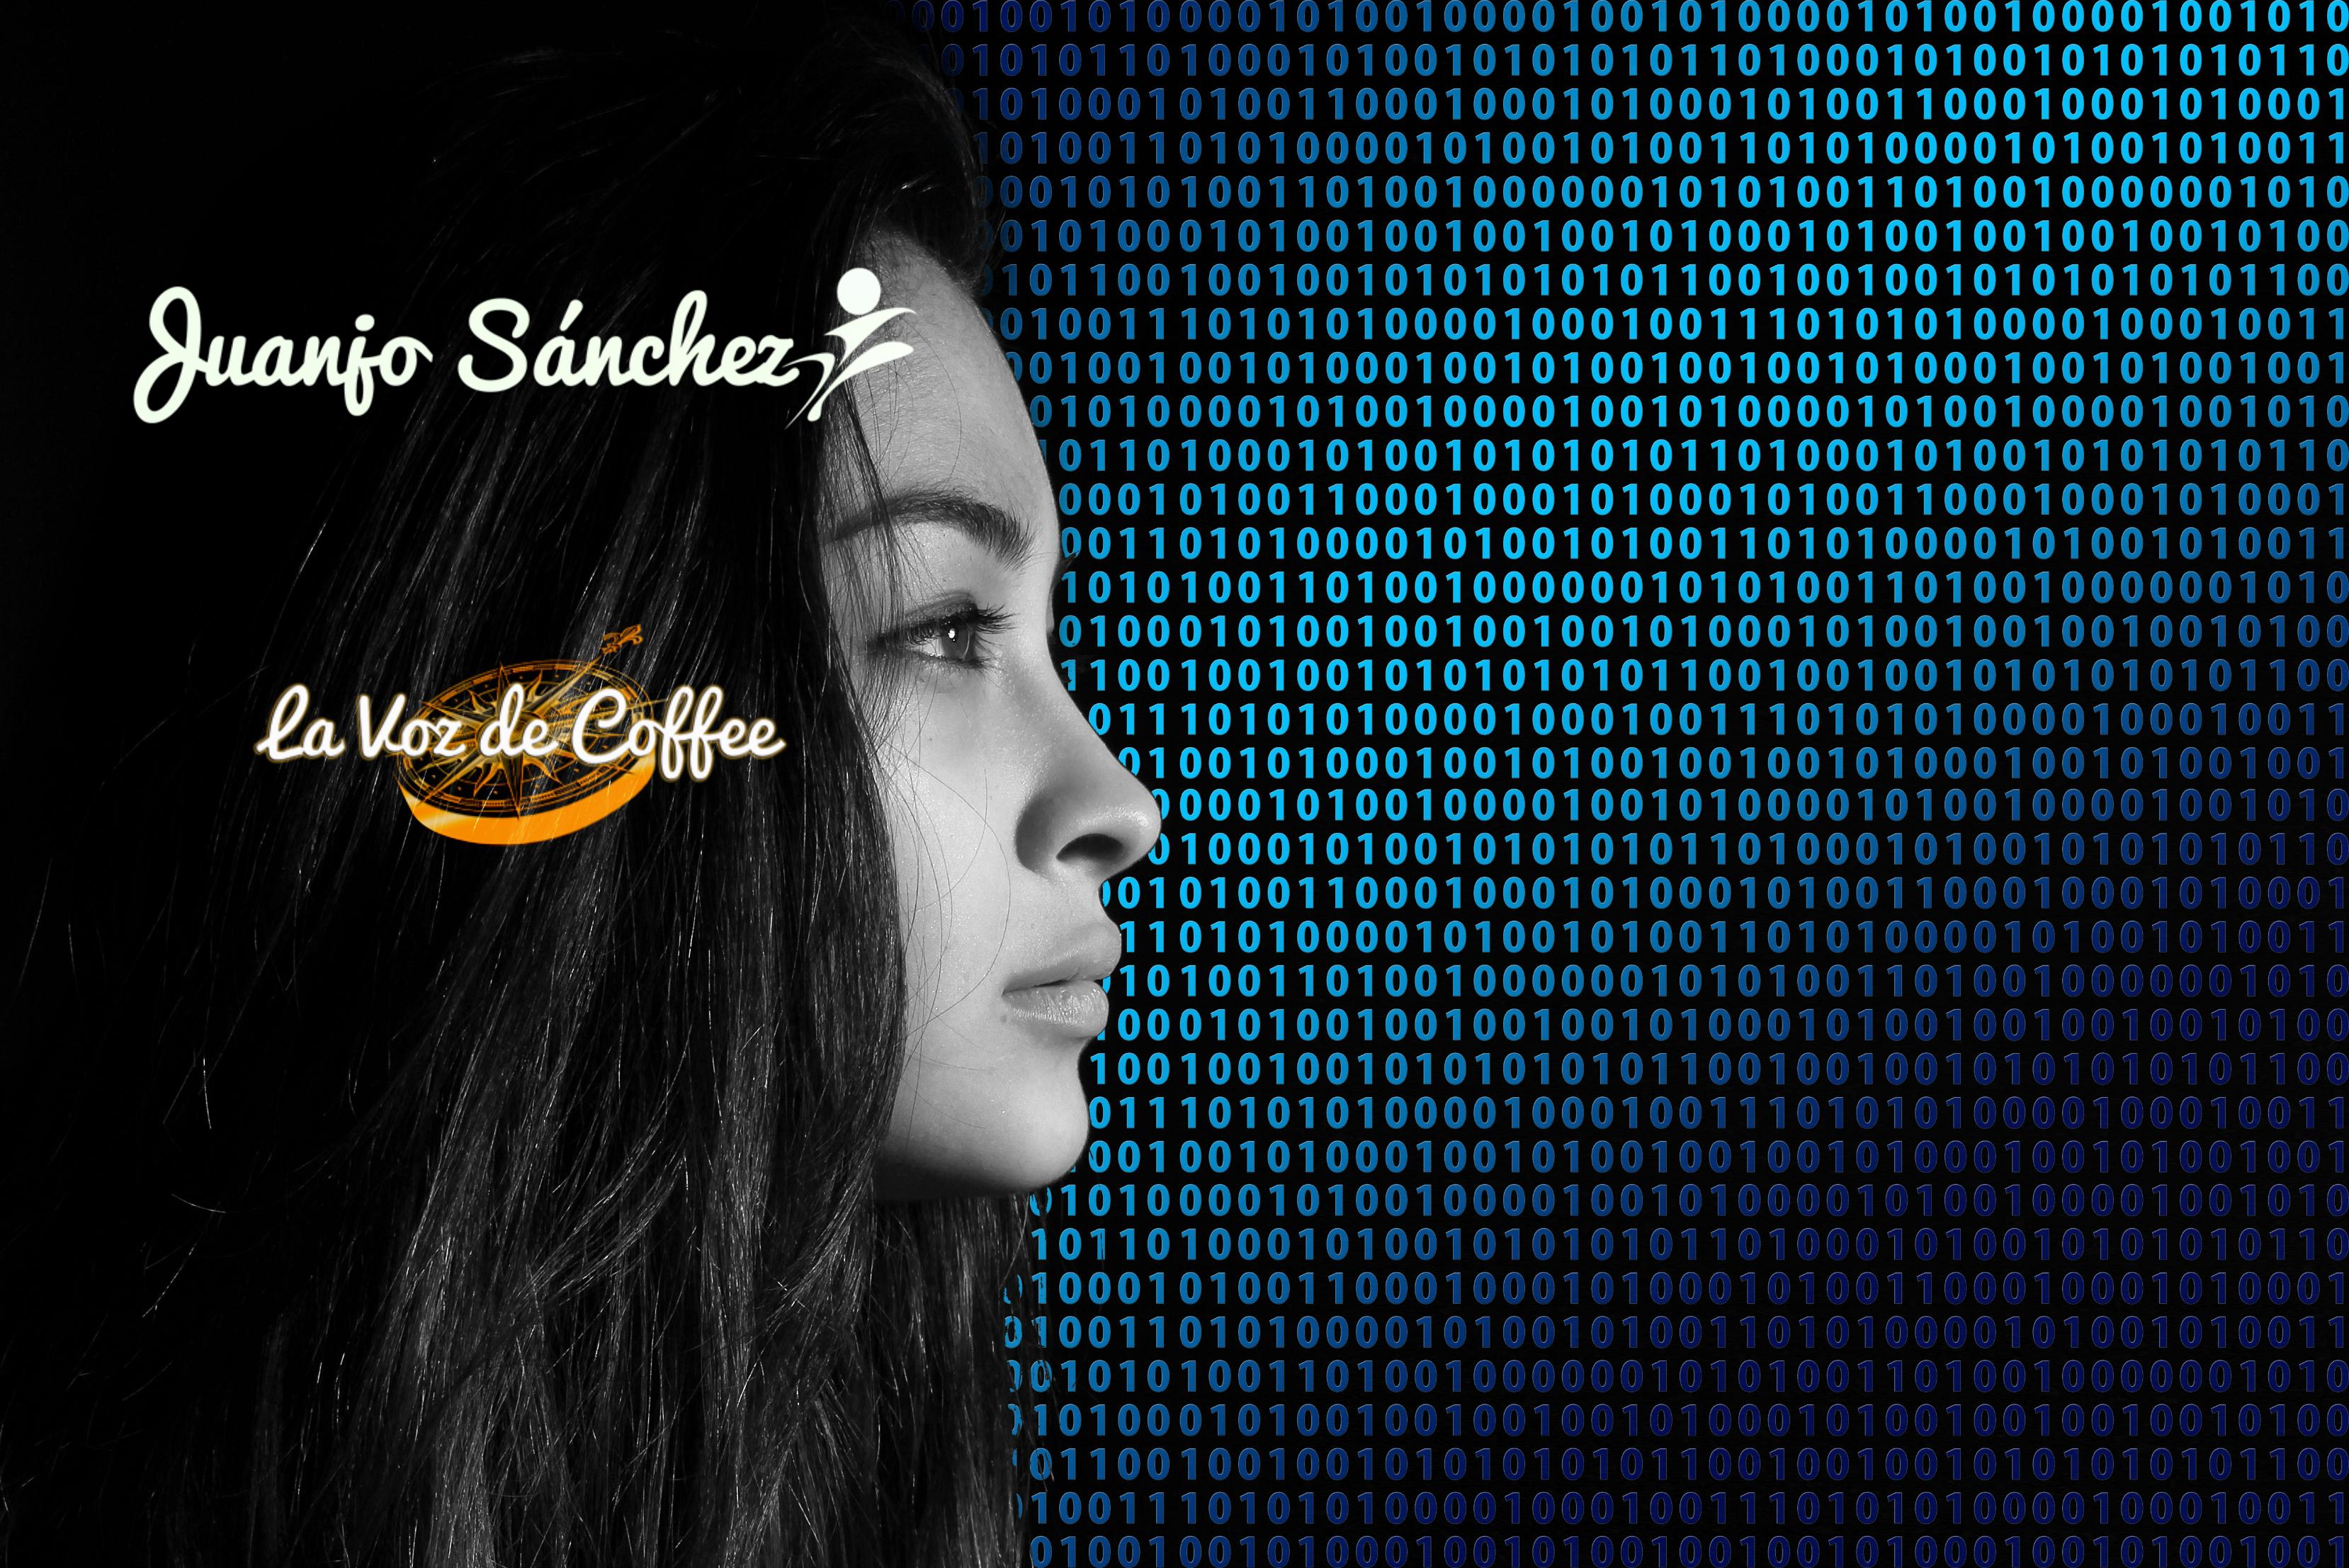 sistema imagen de mujer mirando a una pantalla de códigos binarios